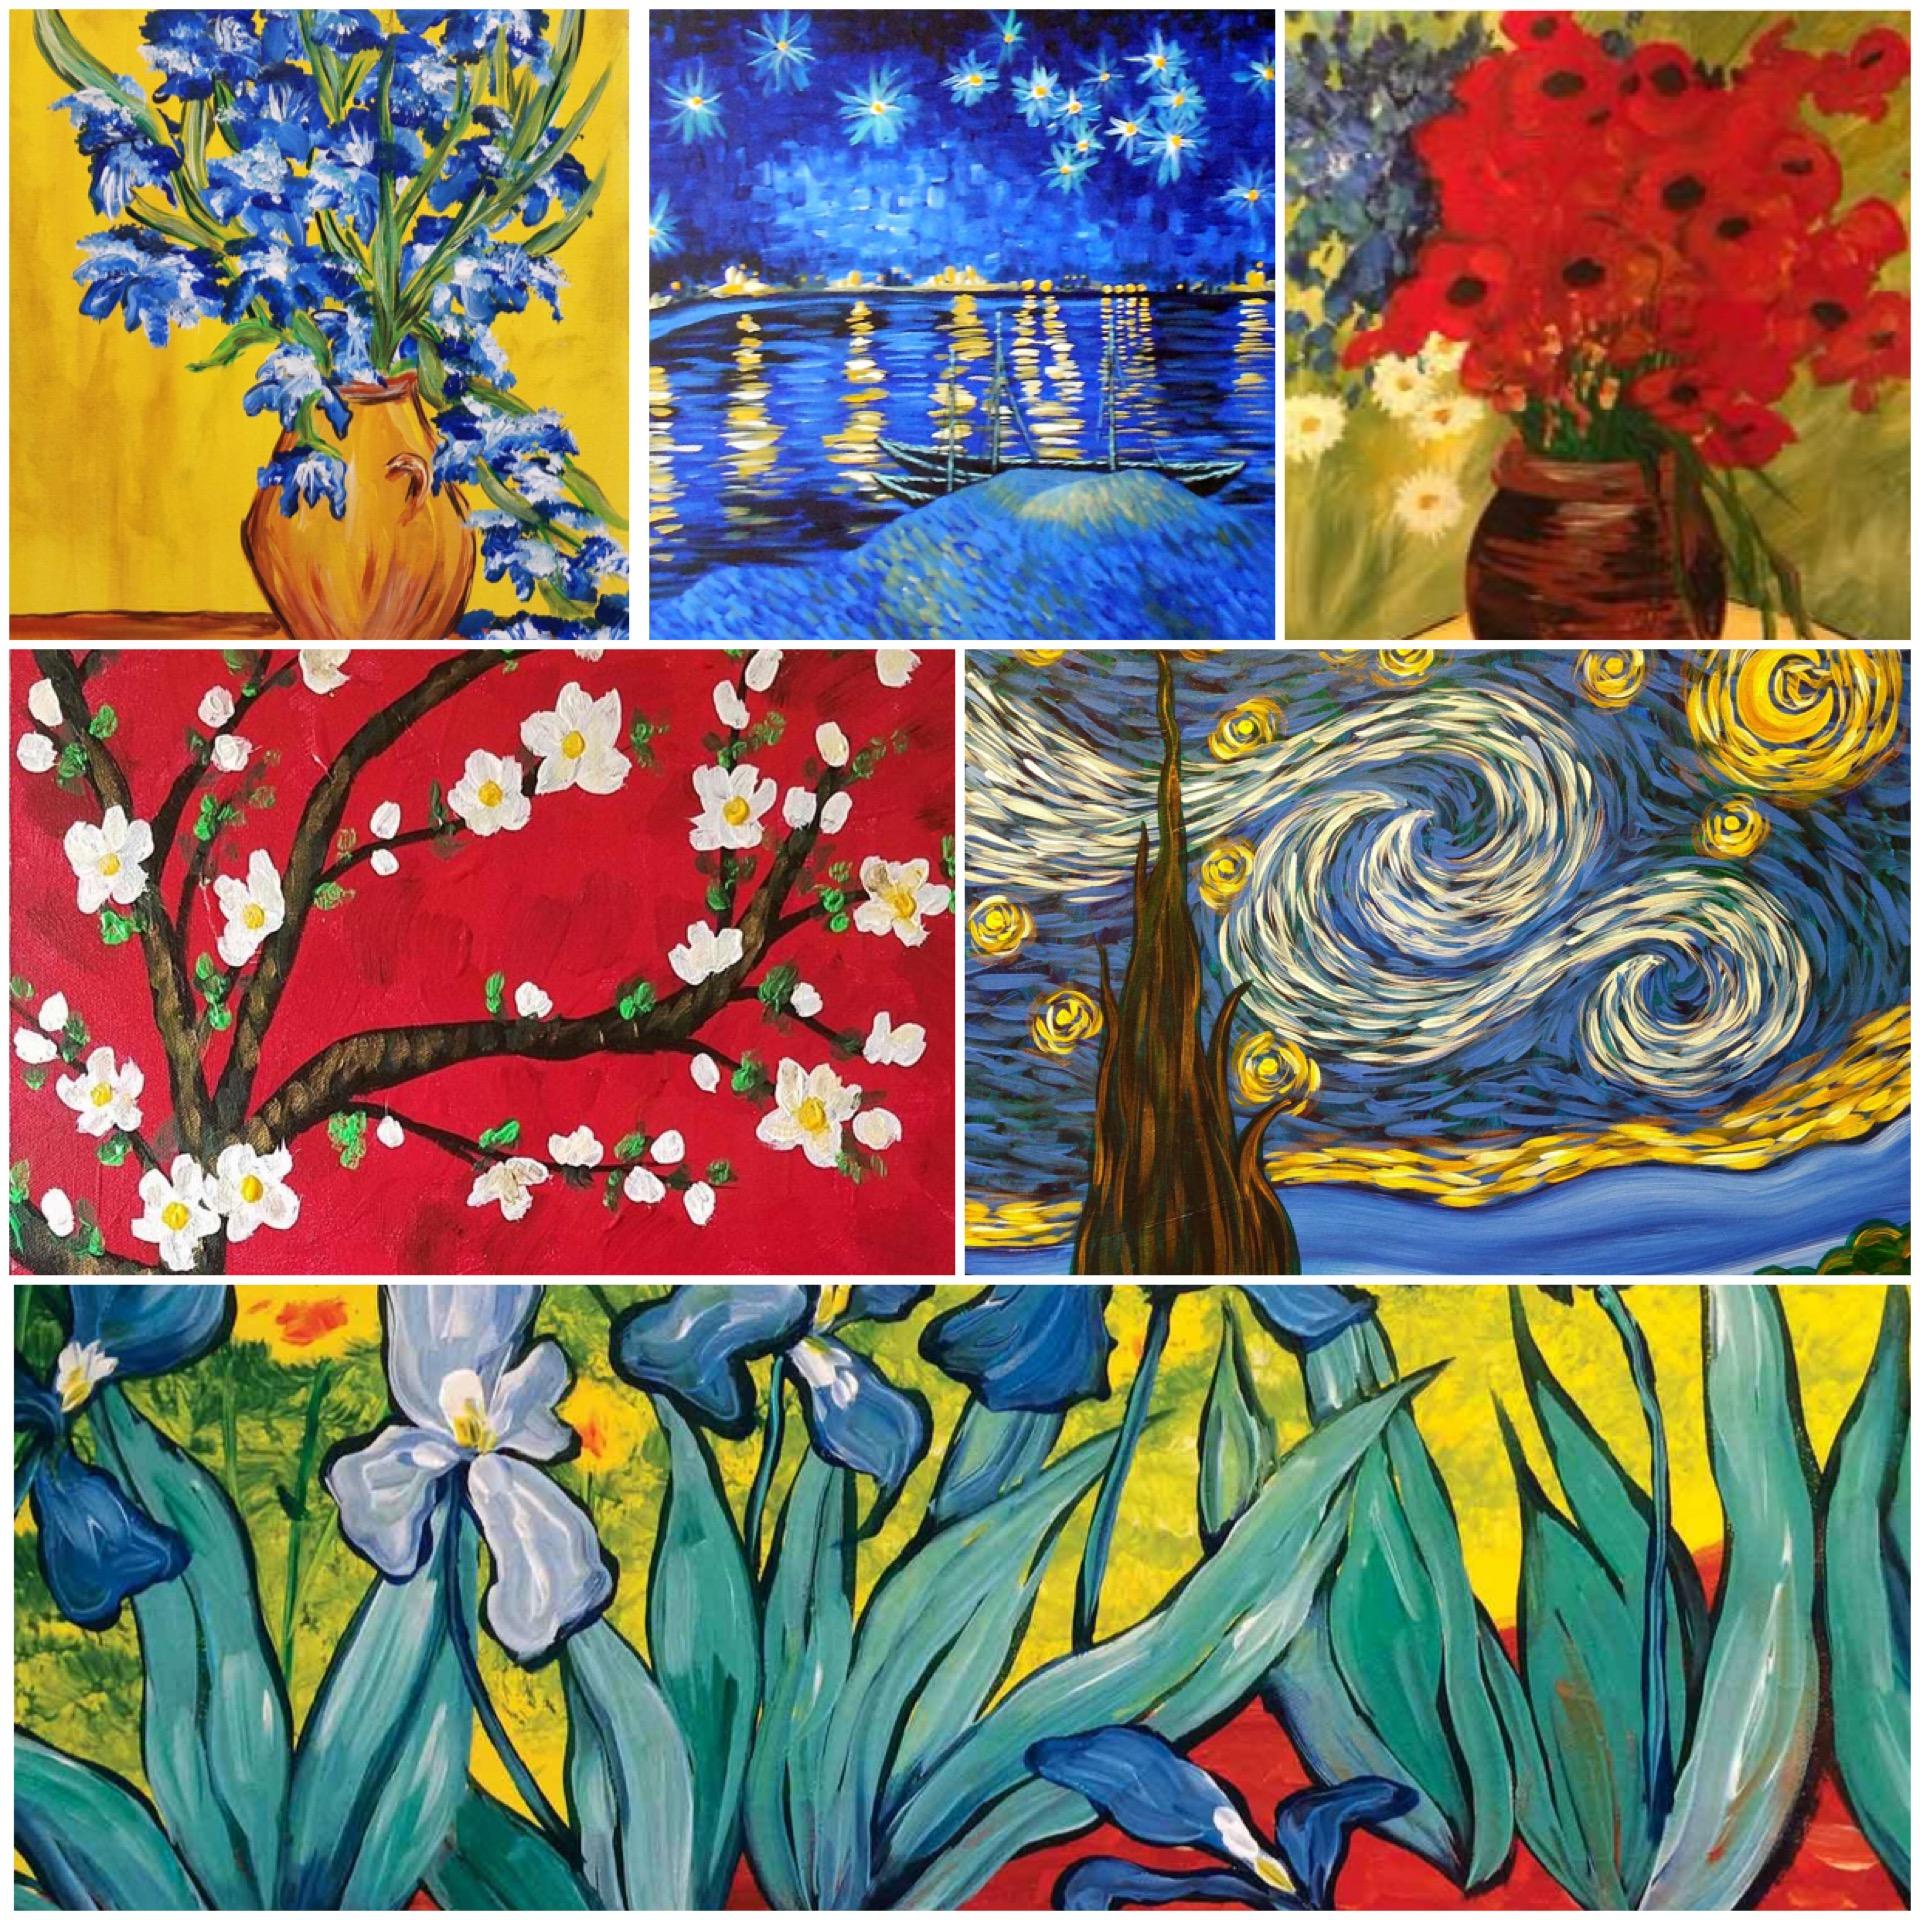 Van Gogh's Pinot's Palette Paintings